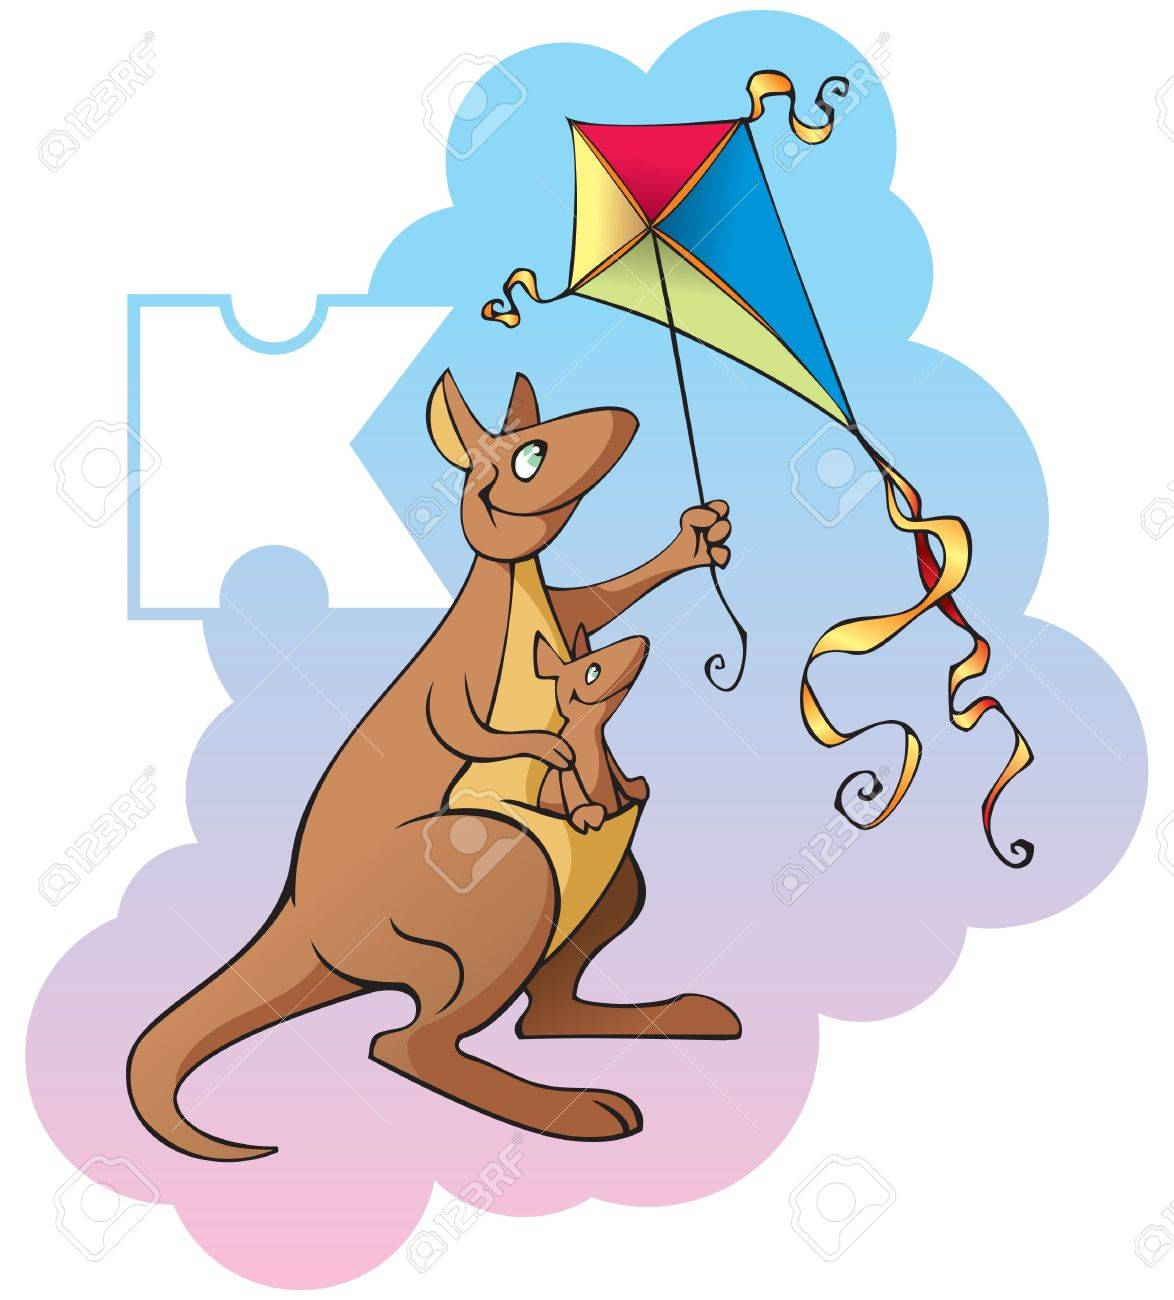 series of children alphabet letter k kangaroo and kite cartoon illustration stock vector